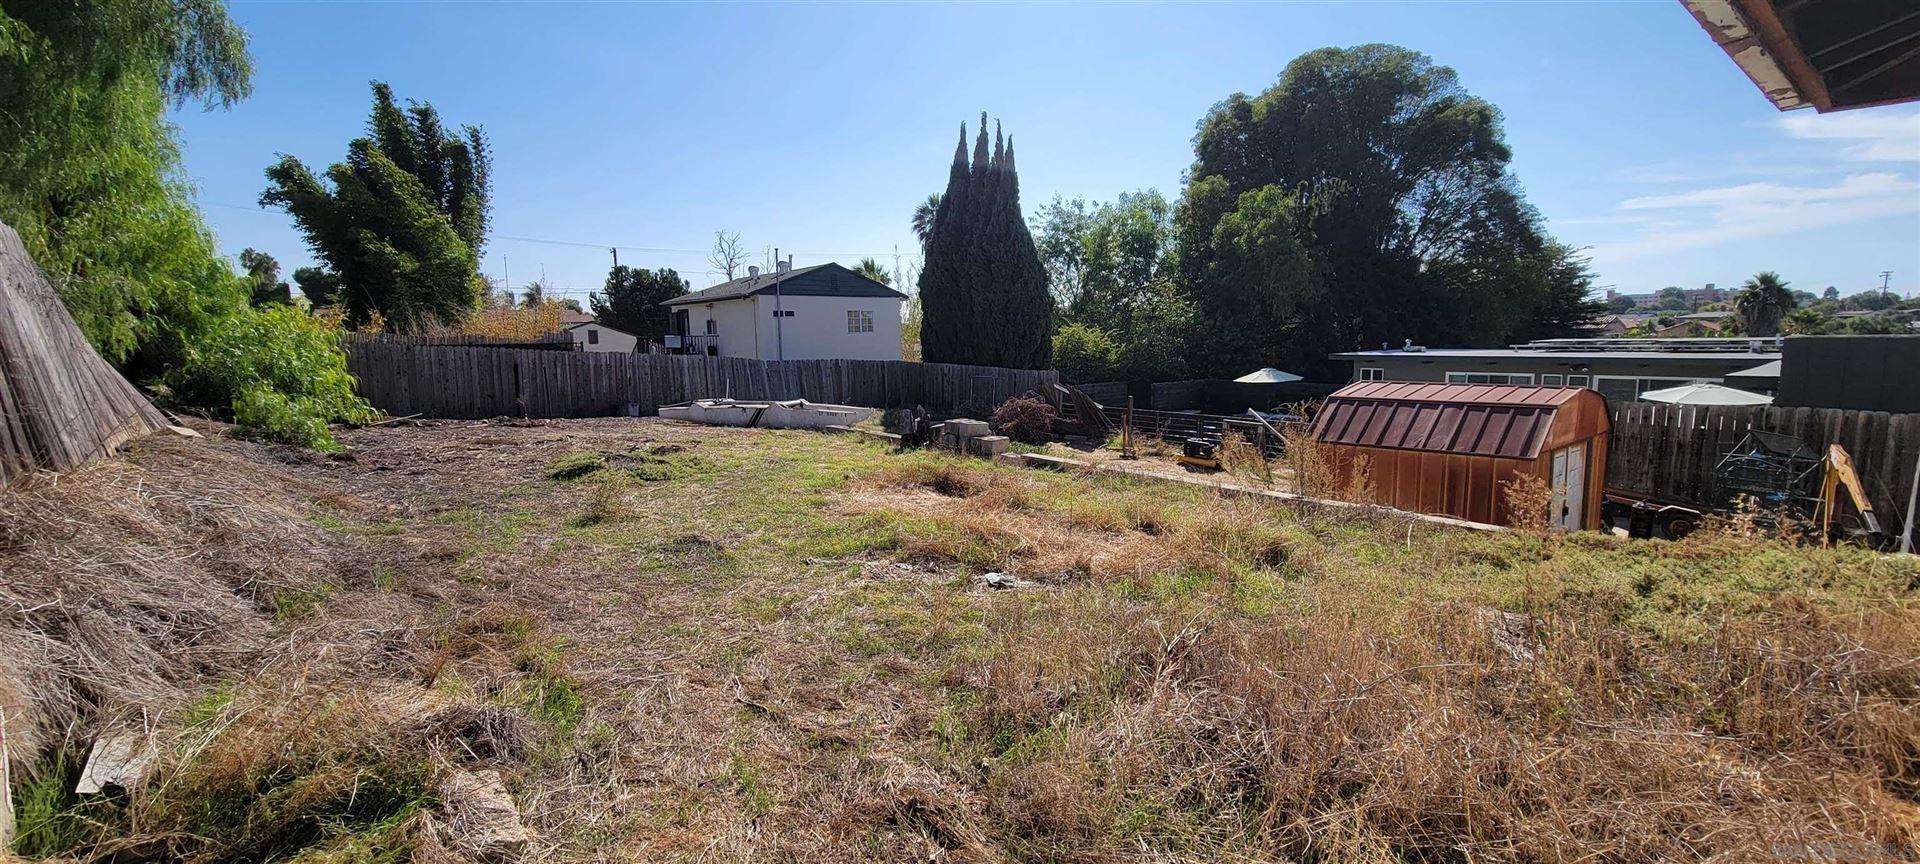 Photo of 62 D St., Chula Vista, CA 91910 (MLS # 210029632)